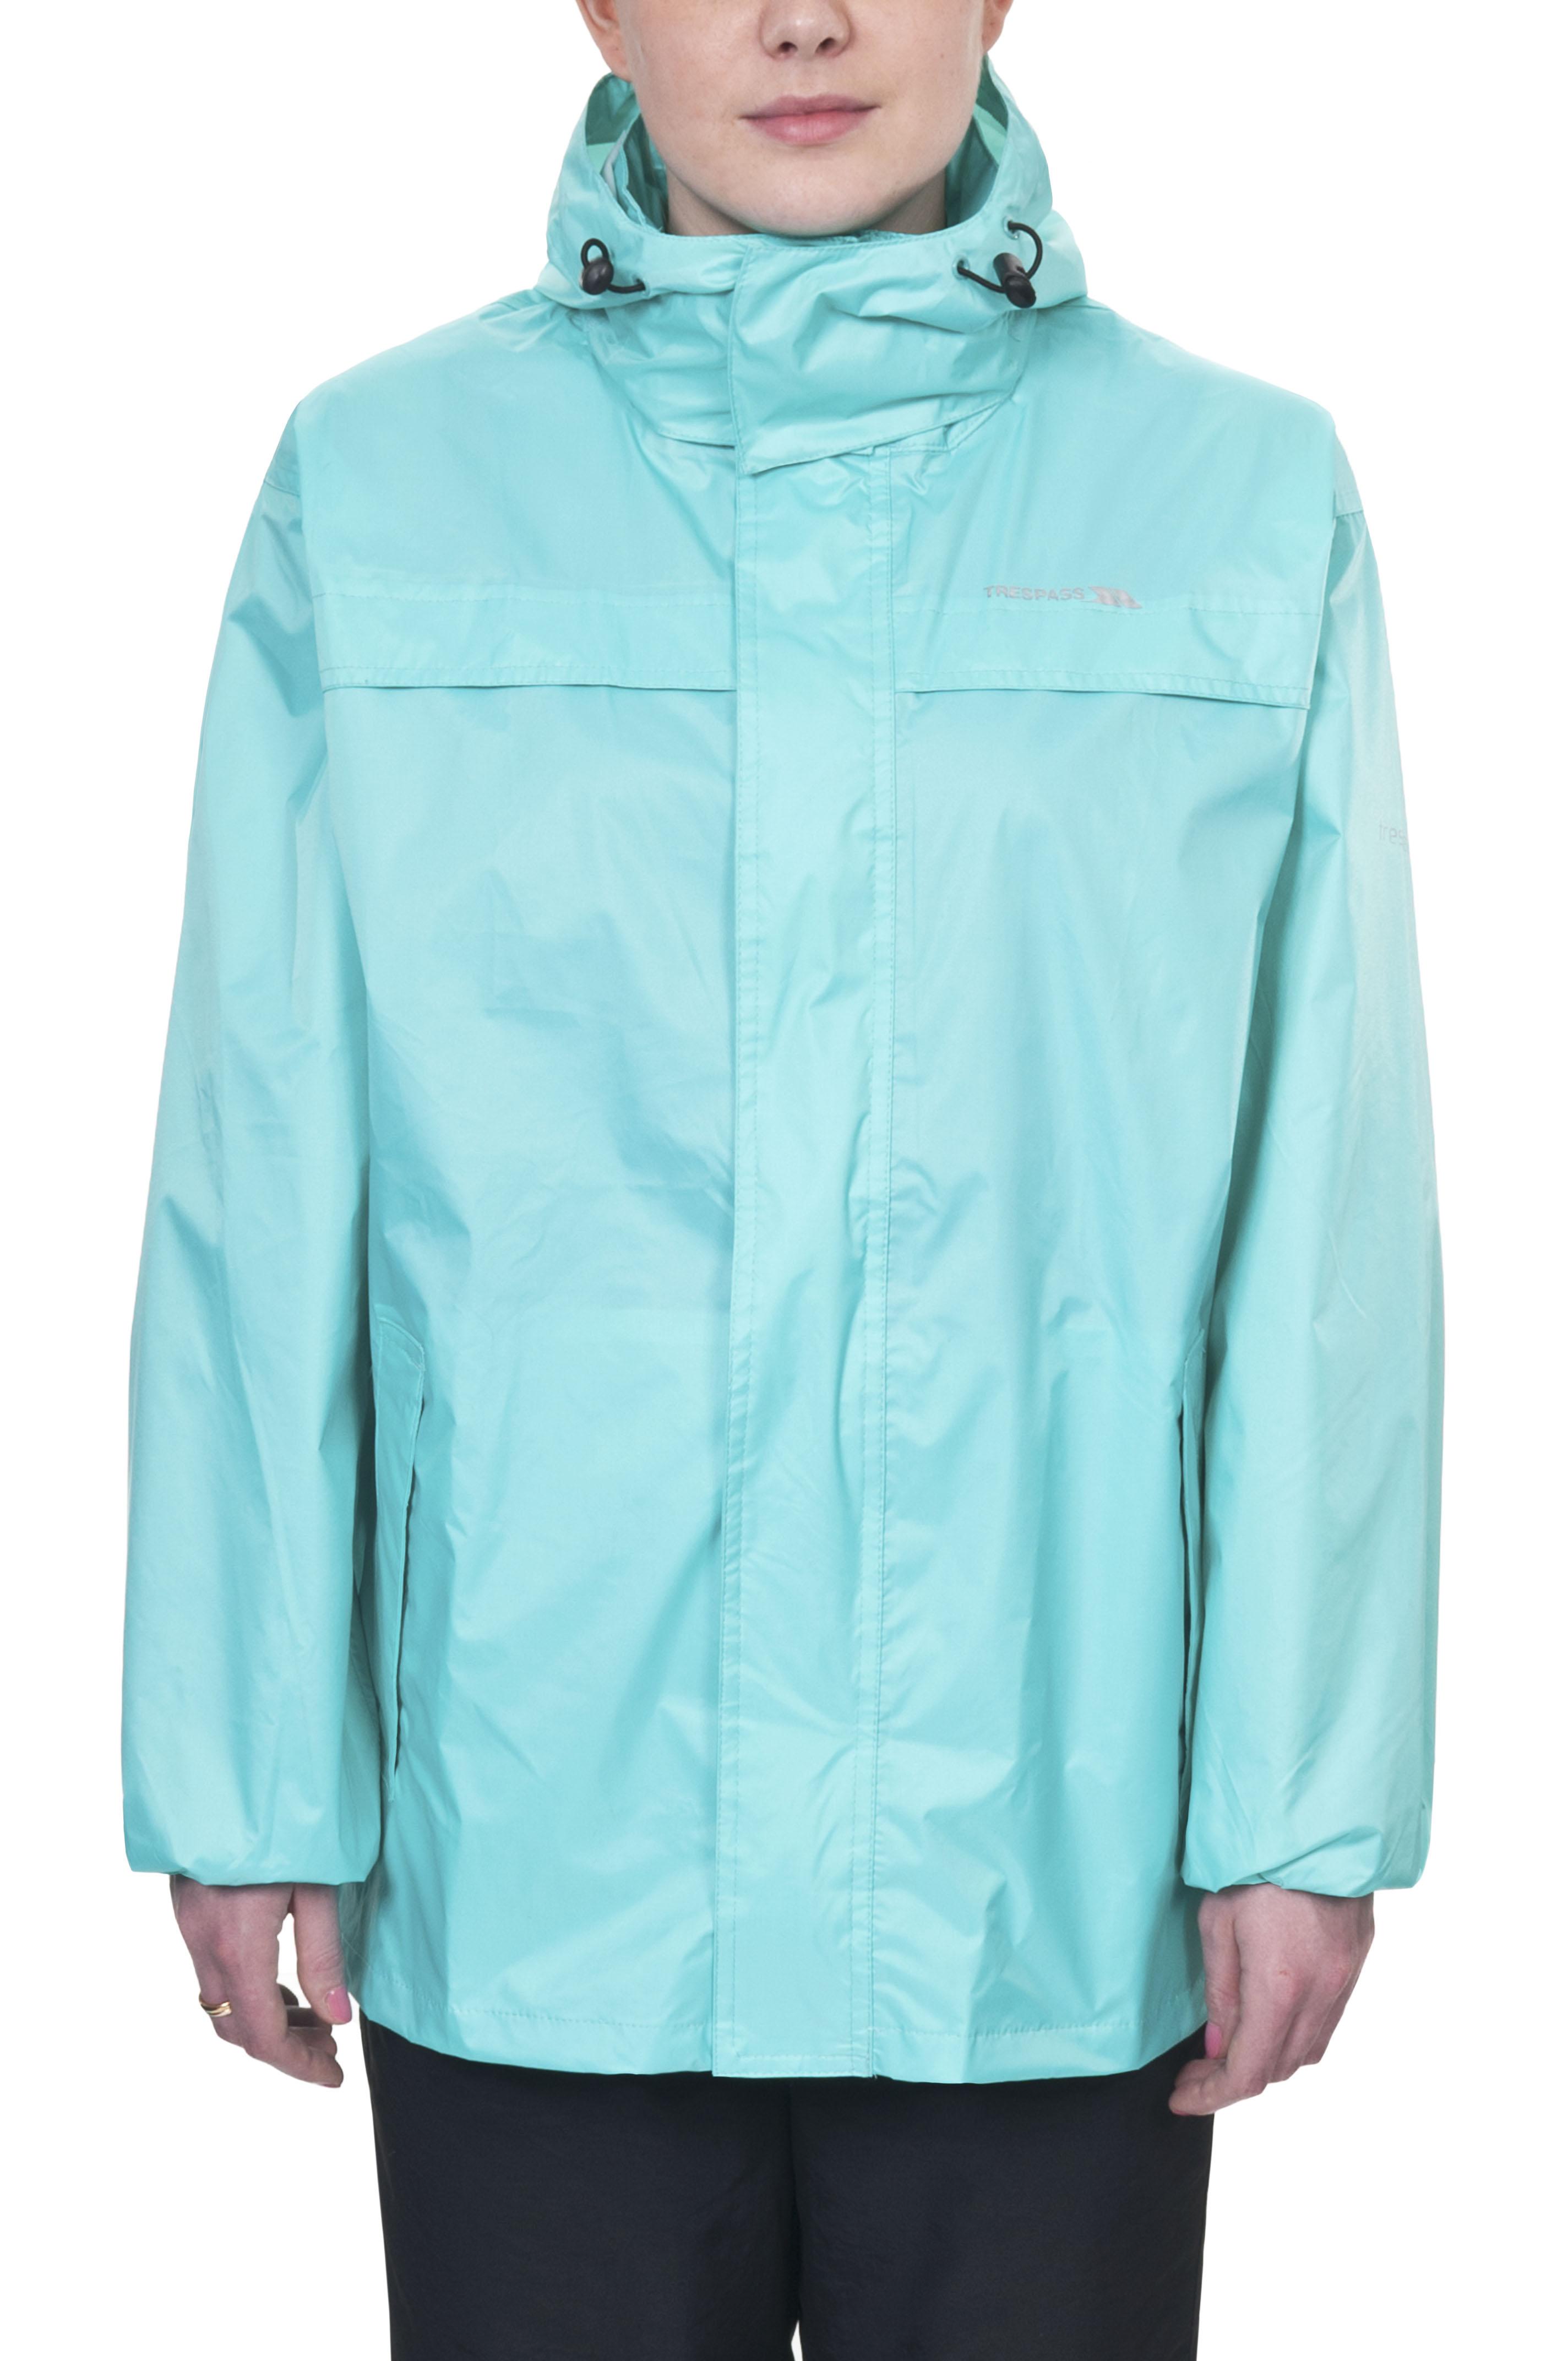 Trespass packa cir homme femme imperm able coupe vent veste de pluie manteau ebay - Veste coupe vent impermeable femme ...